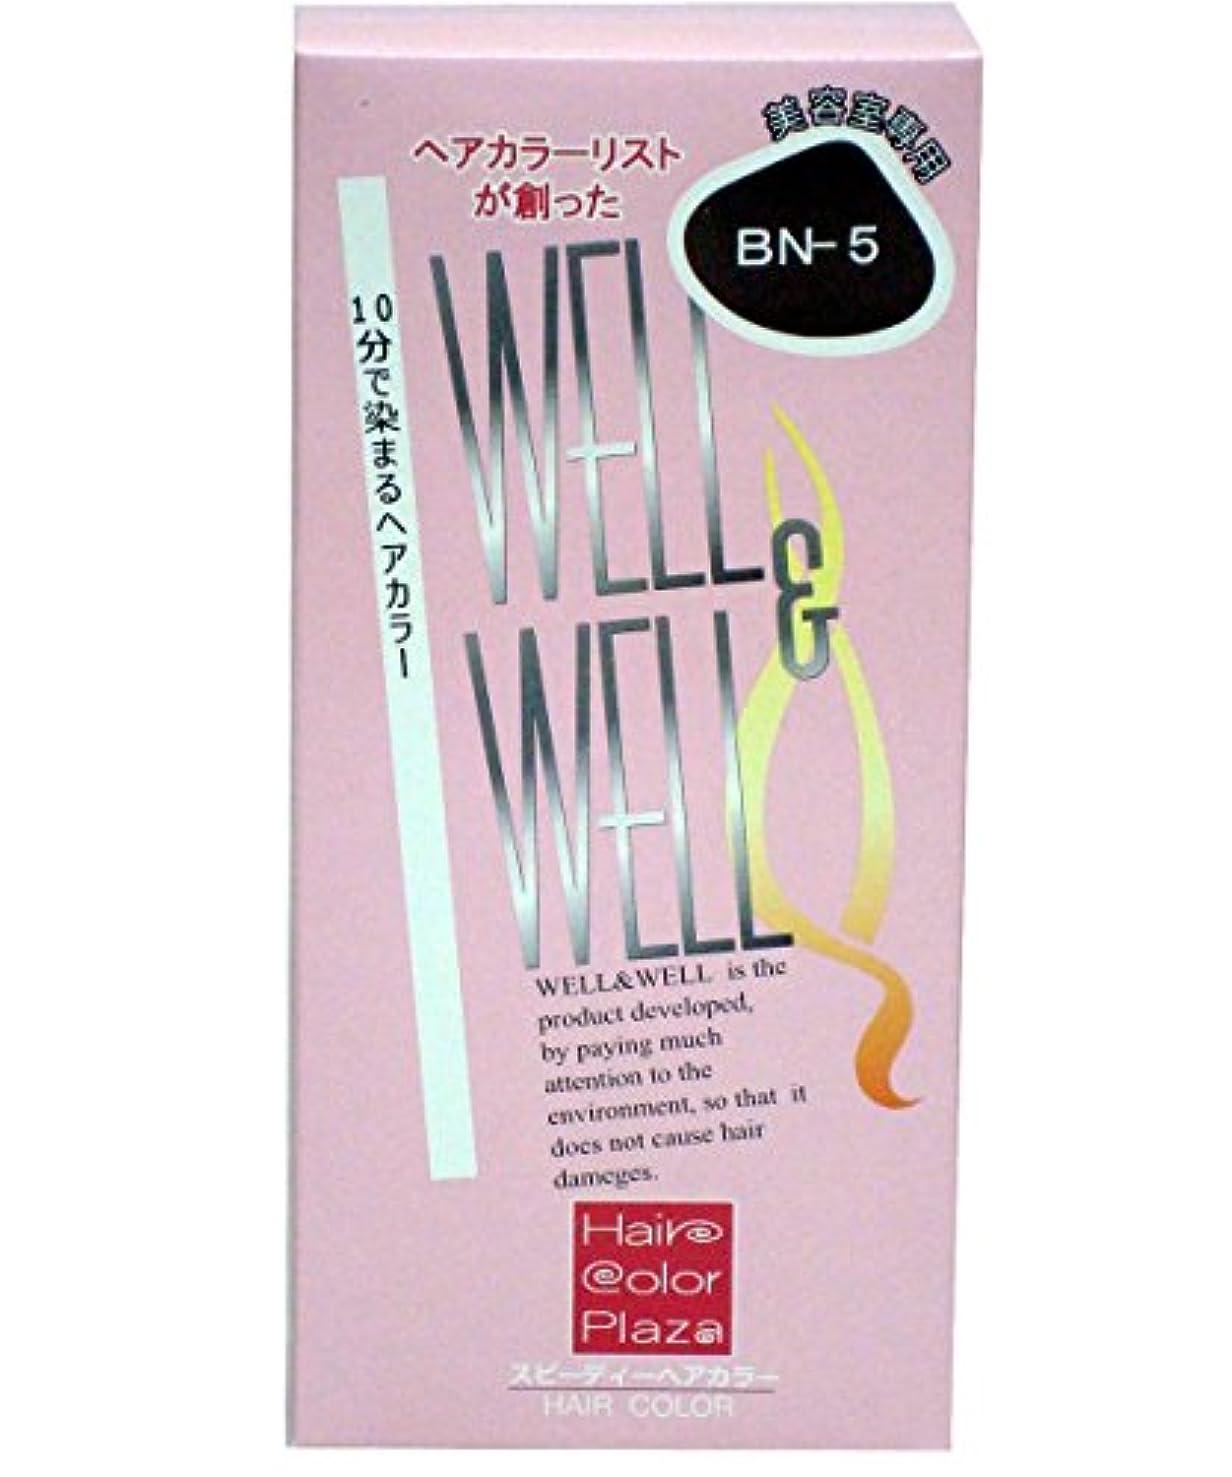 動揺させる逆さまにしかしながら【美容室専用】 ウェル&ウェル スピーディヘアカラー ナチュラルブラウン BN-5